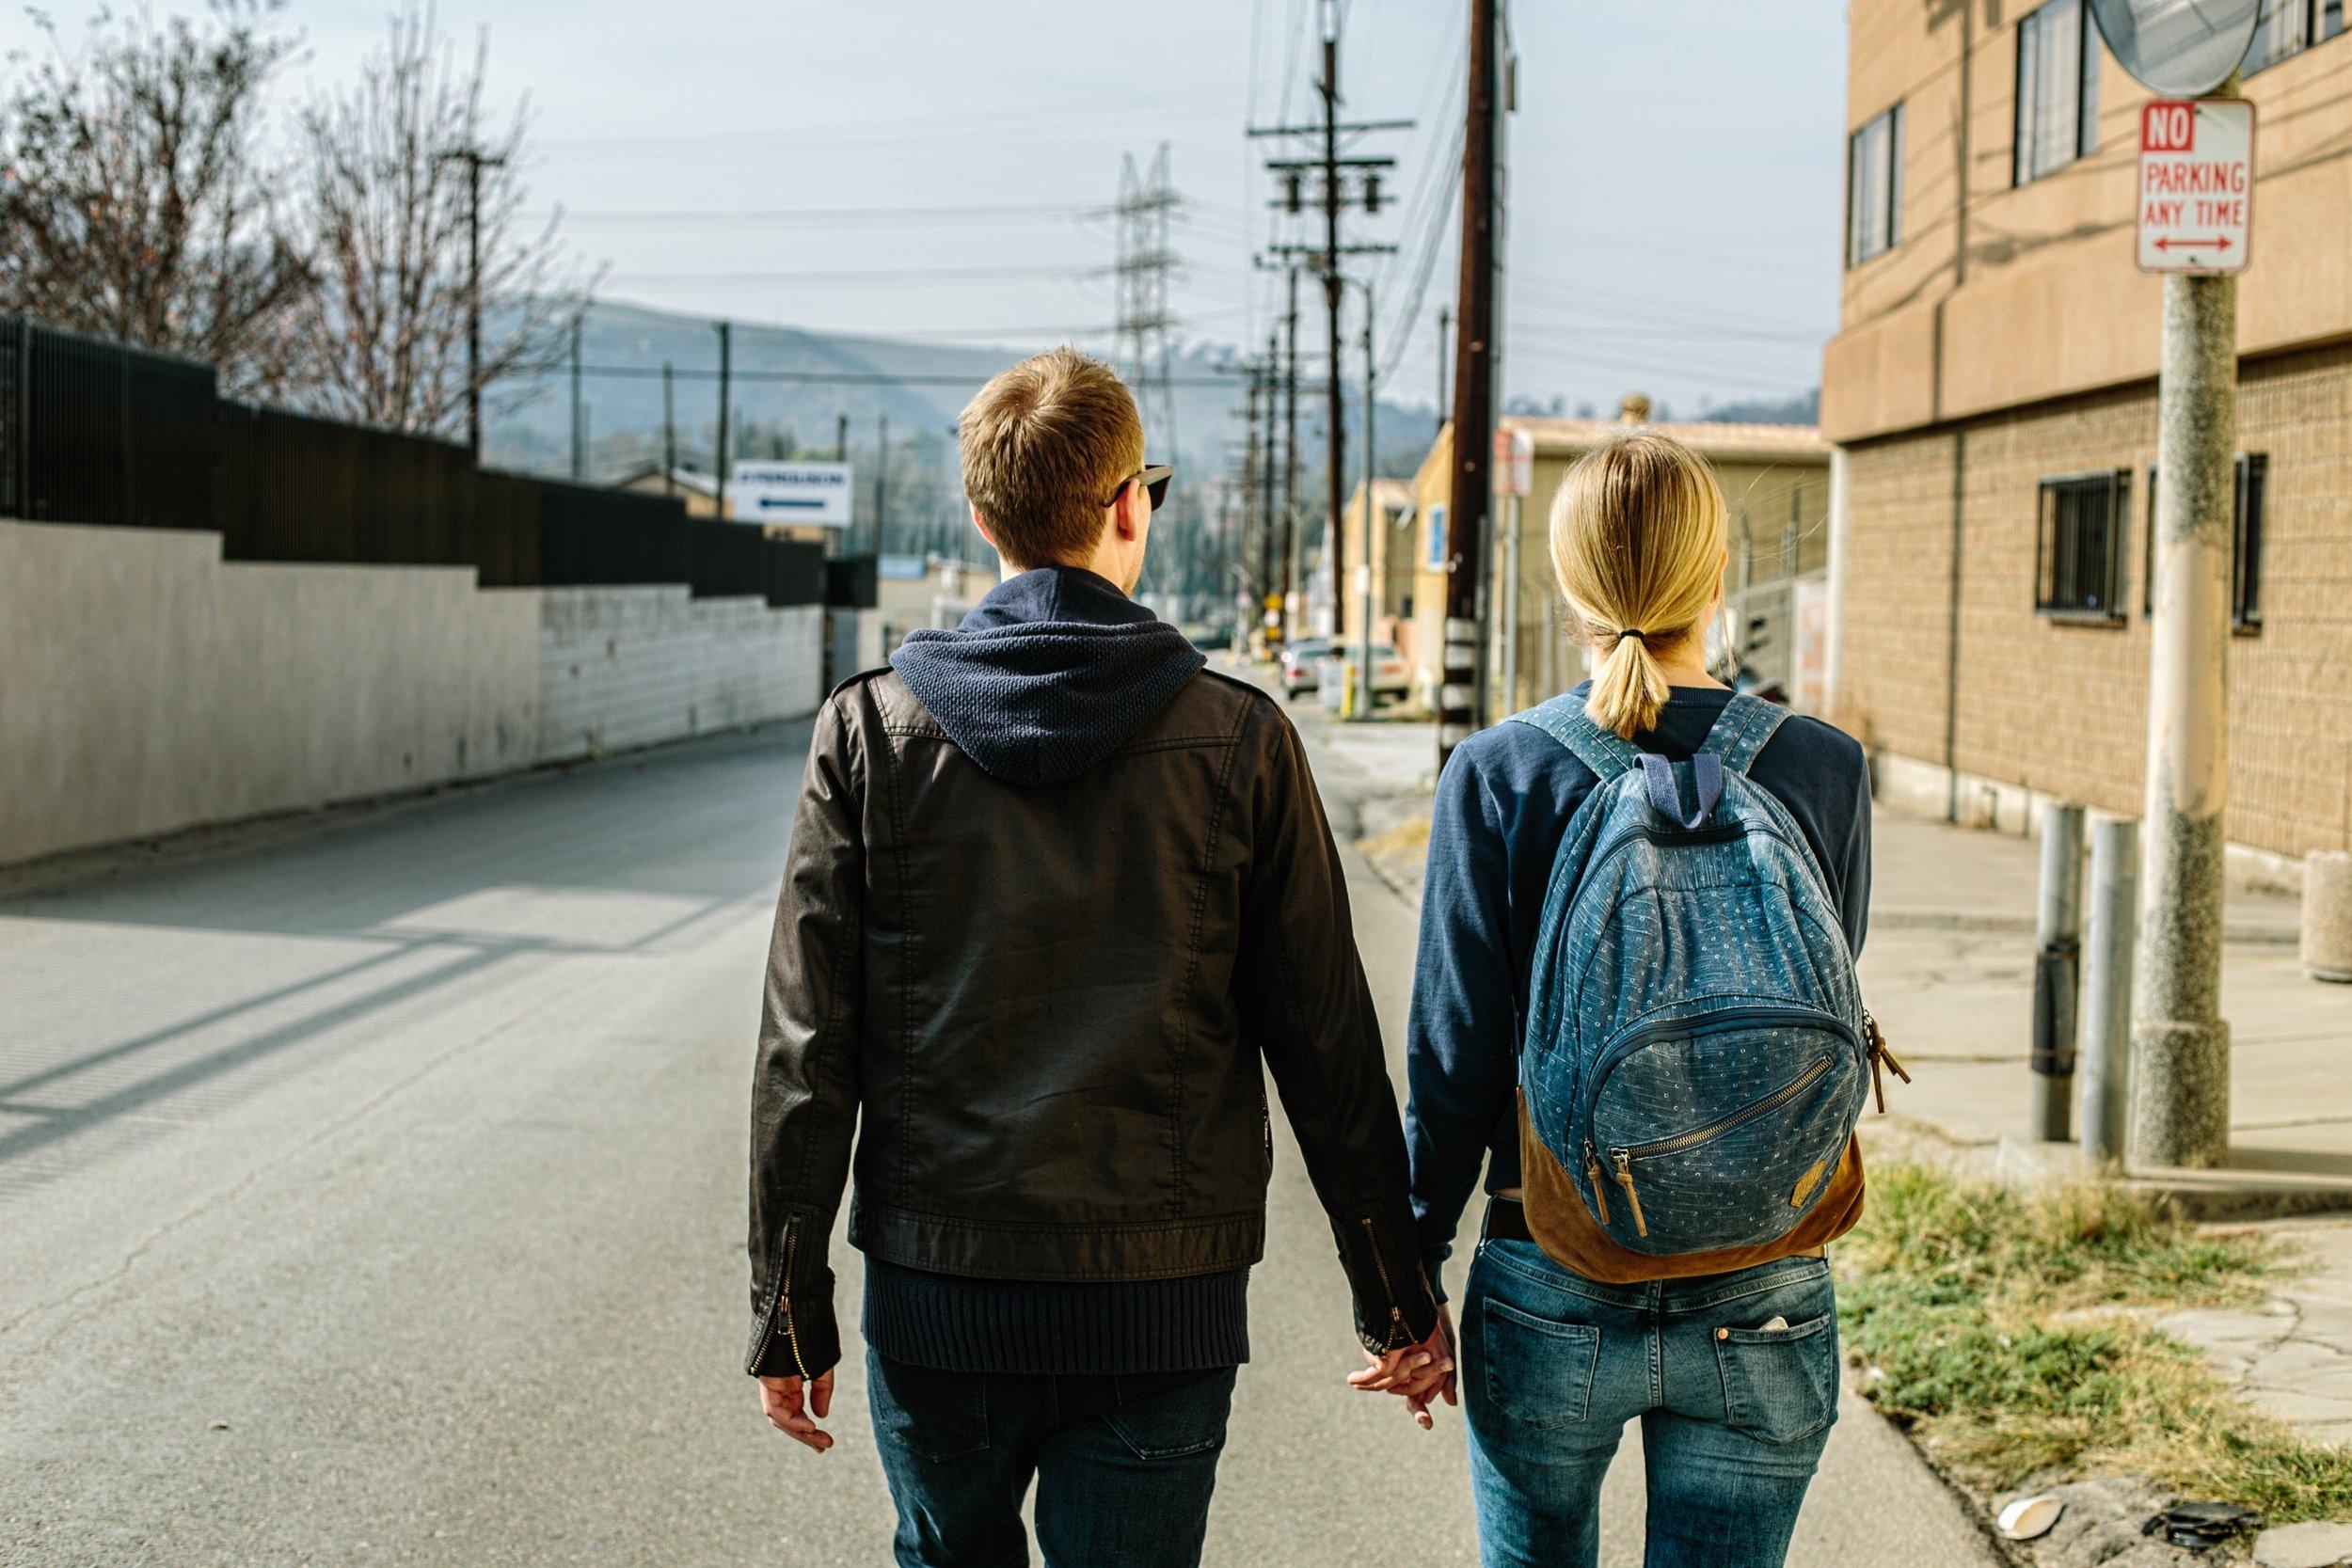 couple on a walk in West LA